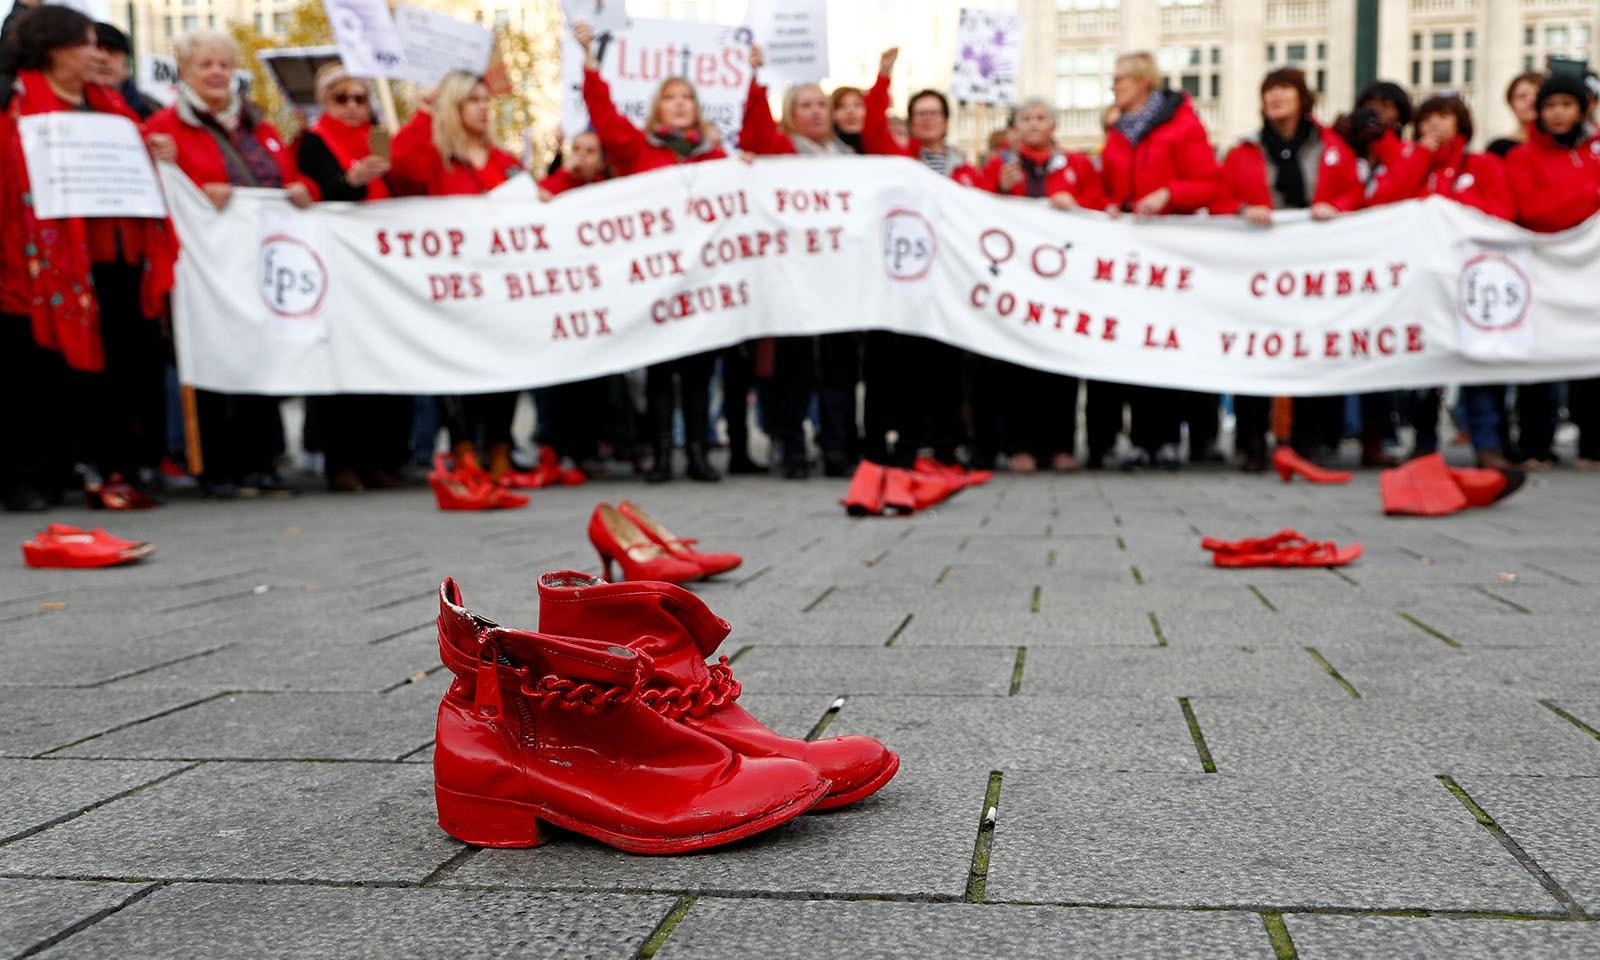 بیلجیئم میں مظاہرین سرخ جوتے زمین پر رکھ کر مظاہرے کر رہے ہیں — فوٹو: رائٹرز